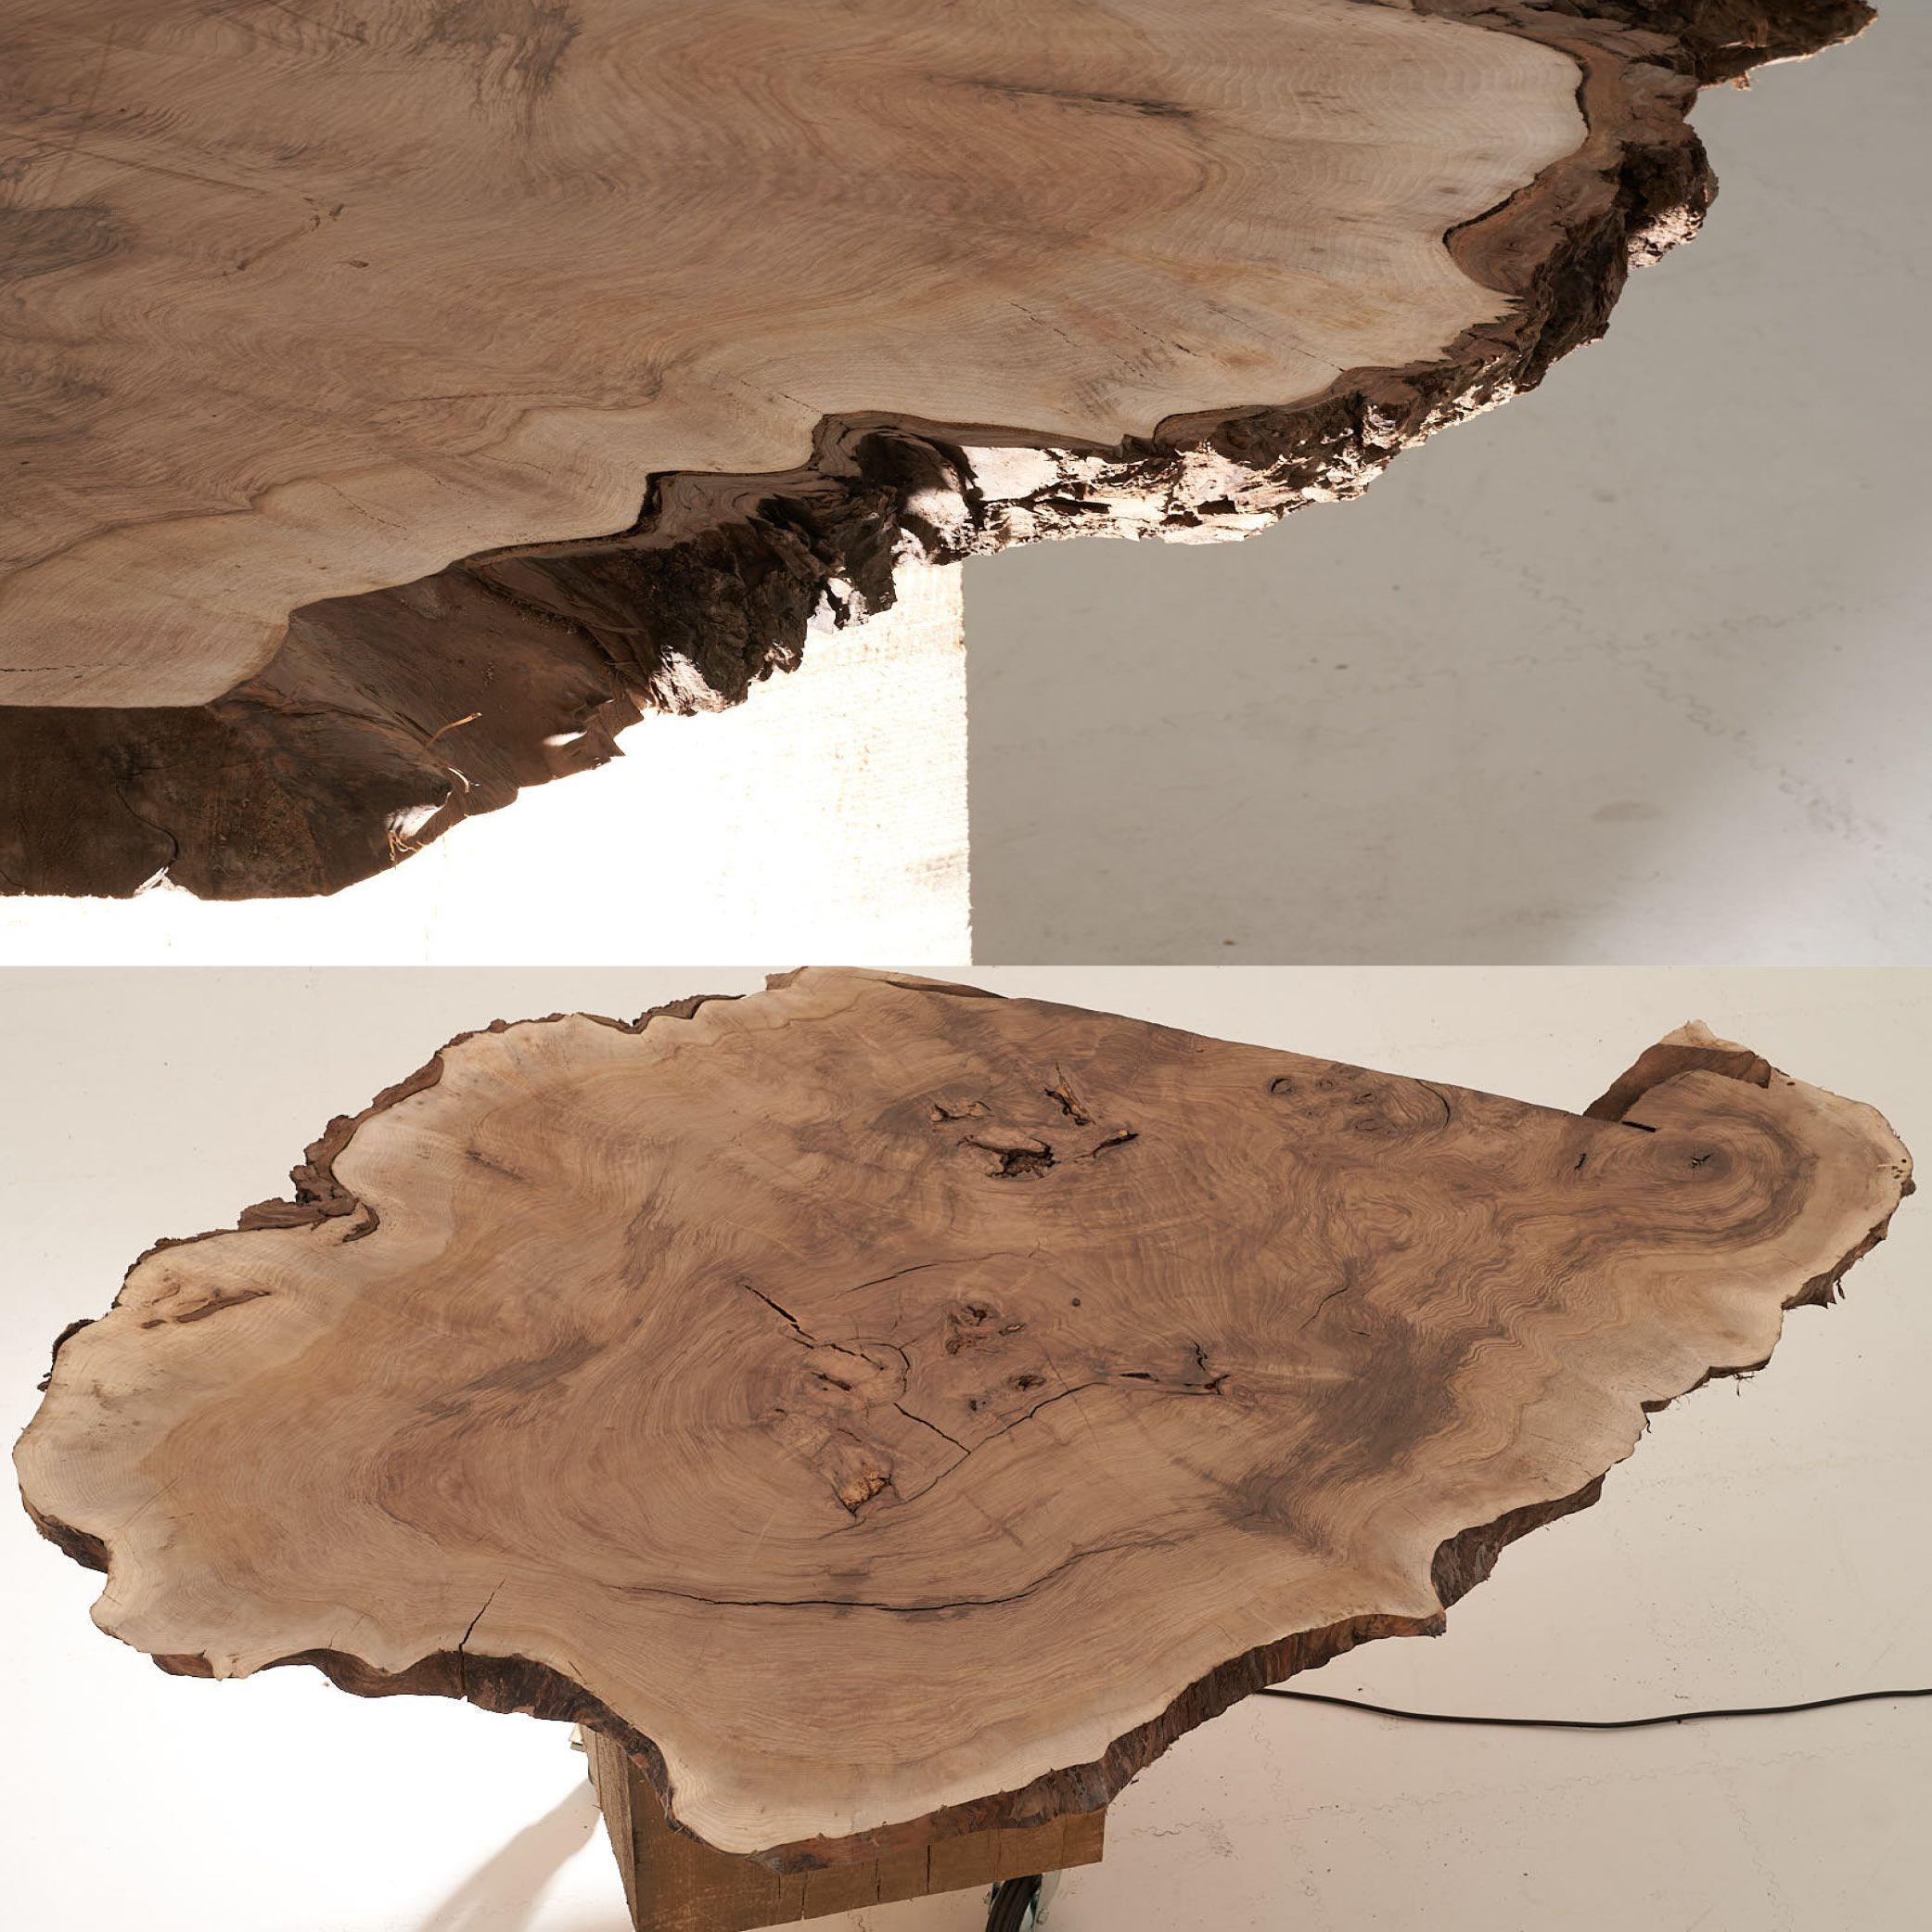 Massivholztischplatte Aus Maser Nussbaum Https Www Tischplatten Kaufen Nussbaum Nussbaumtisch Masernuss Kaukasus M In 2020 Bad Tisch Massivholztisch Holz